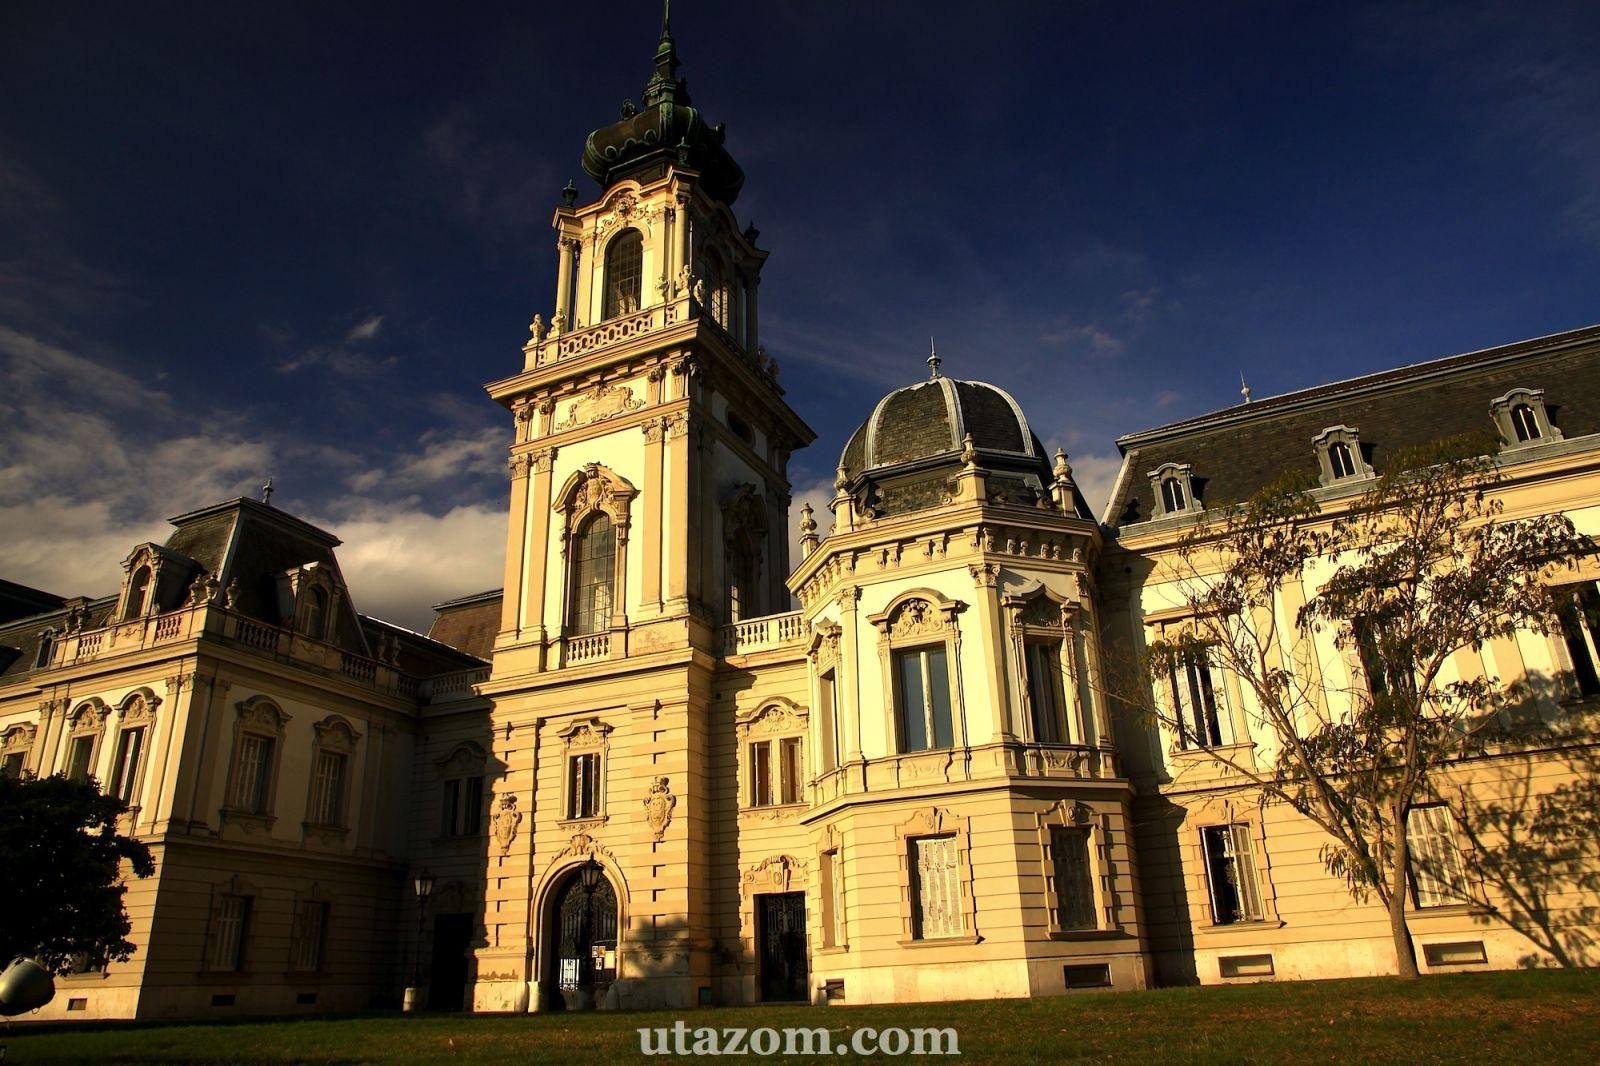 b3e72e151b A 15 legszebb magyarországi kastély - Messzi tájak Európa gyalogtúra,  biciklitúra | Utazom.com utazási iroda